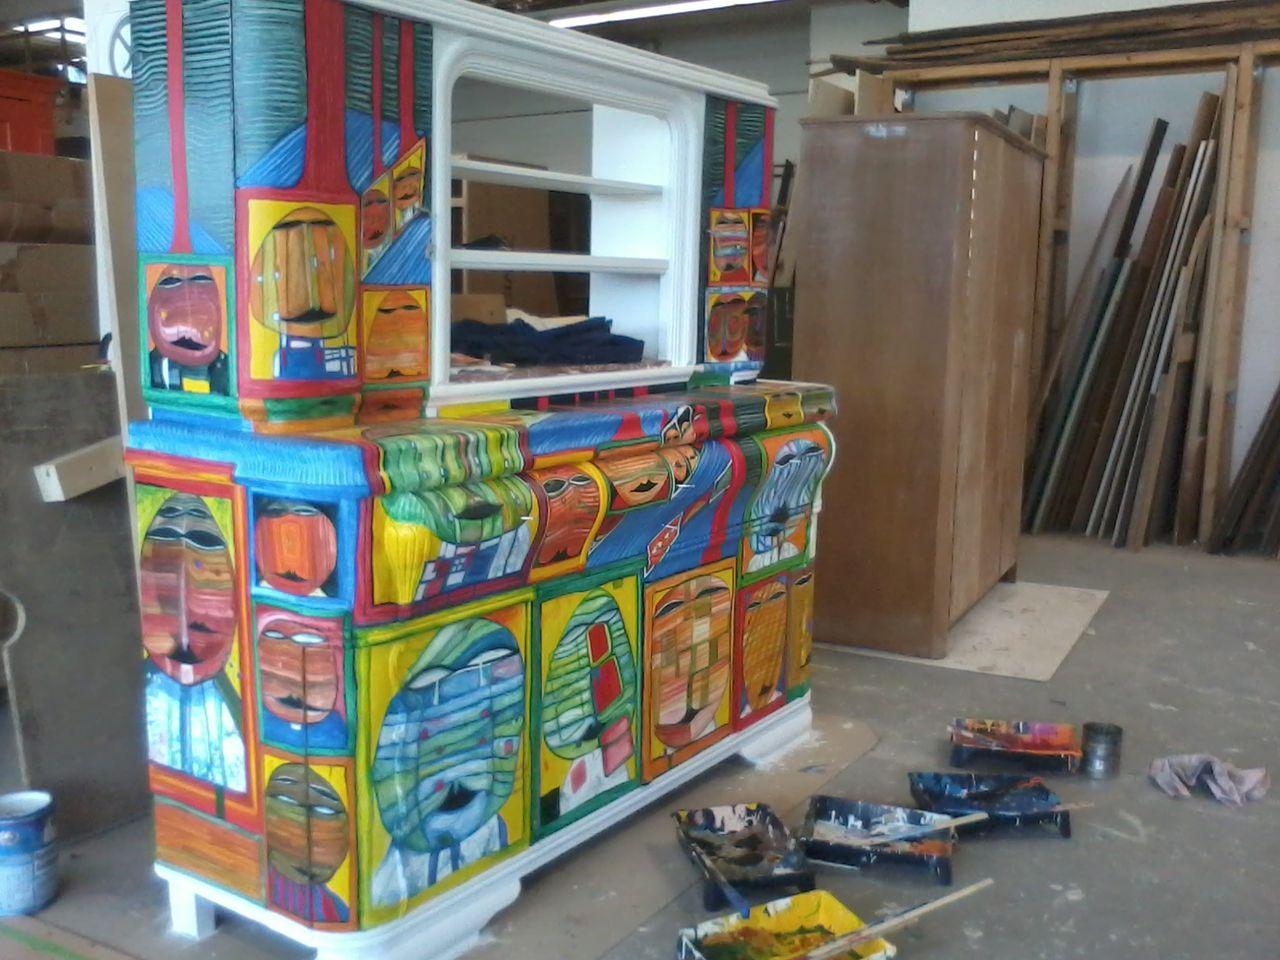 Möbel Und Mehr Iserlohn bild mauer möbel 房间陈设 kunsthandwerk dimitri wall bei